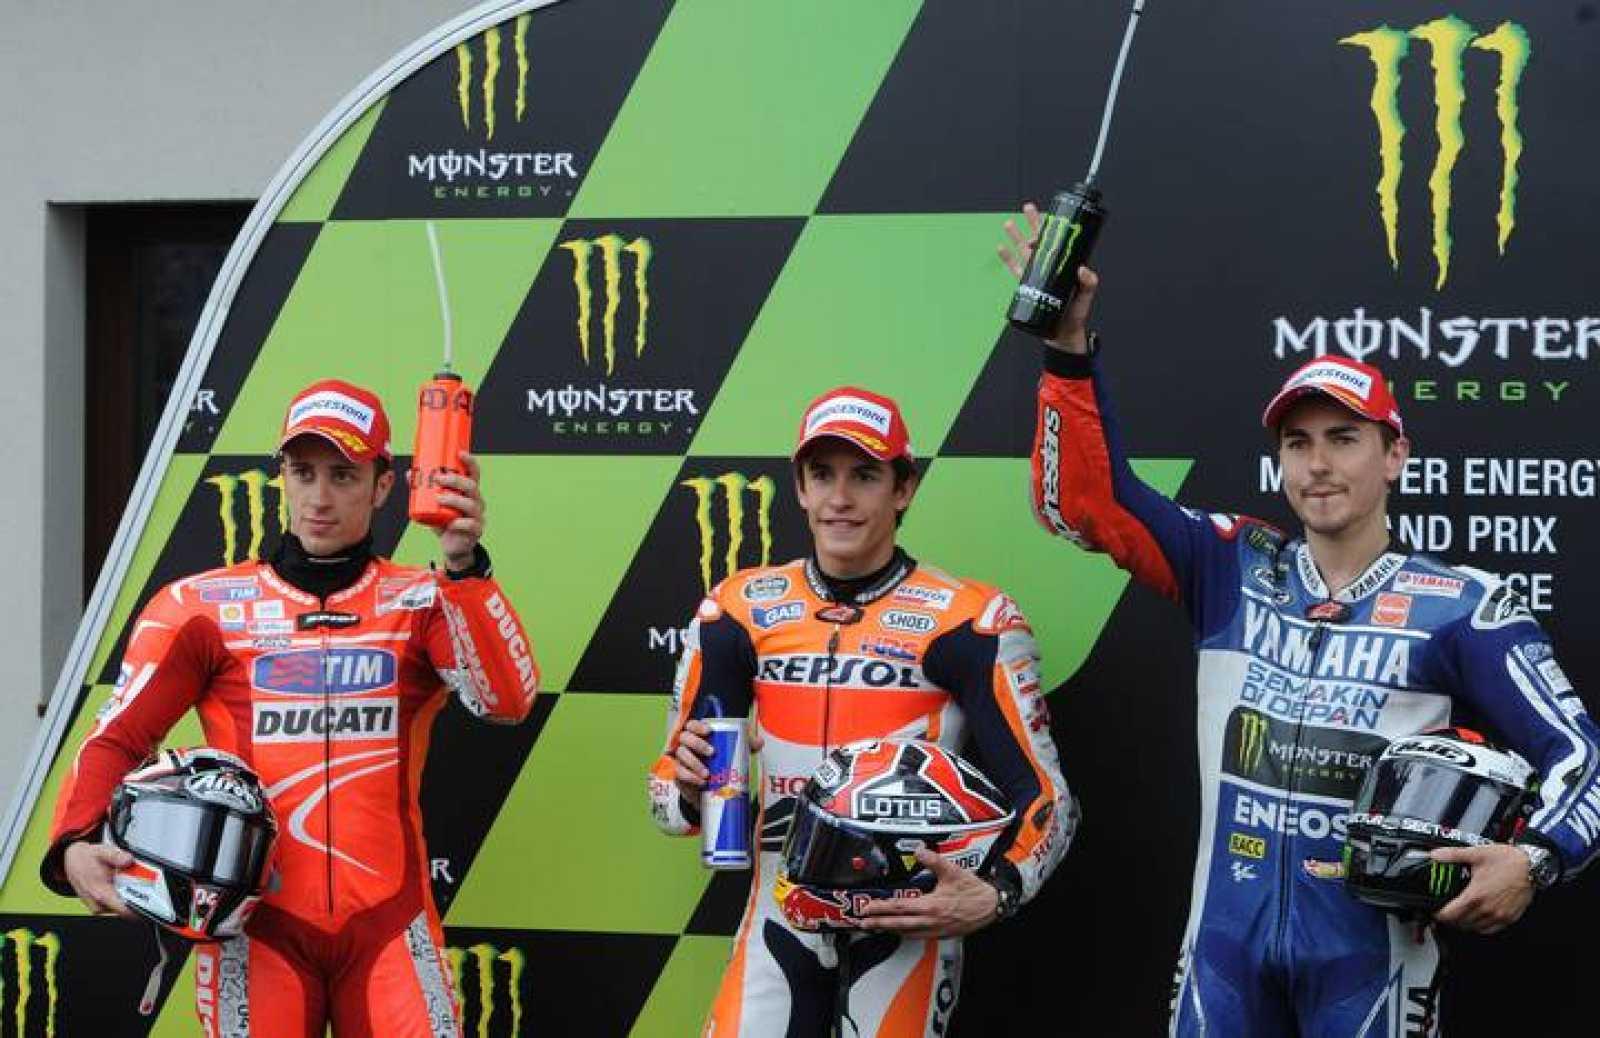 Márquez escoltado por Dovizioso y Lorenzo en el podio de La Mans.